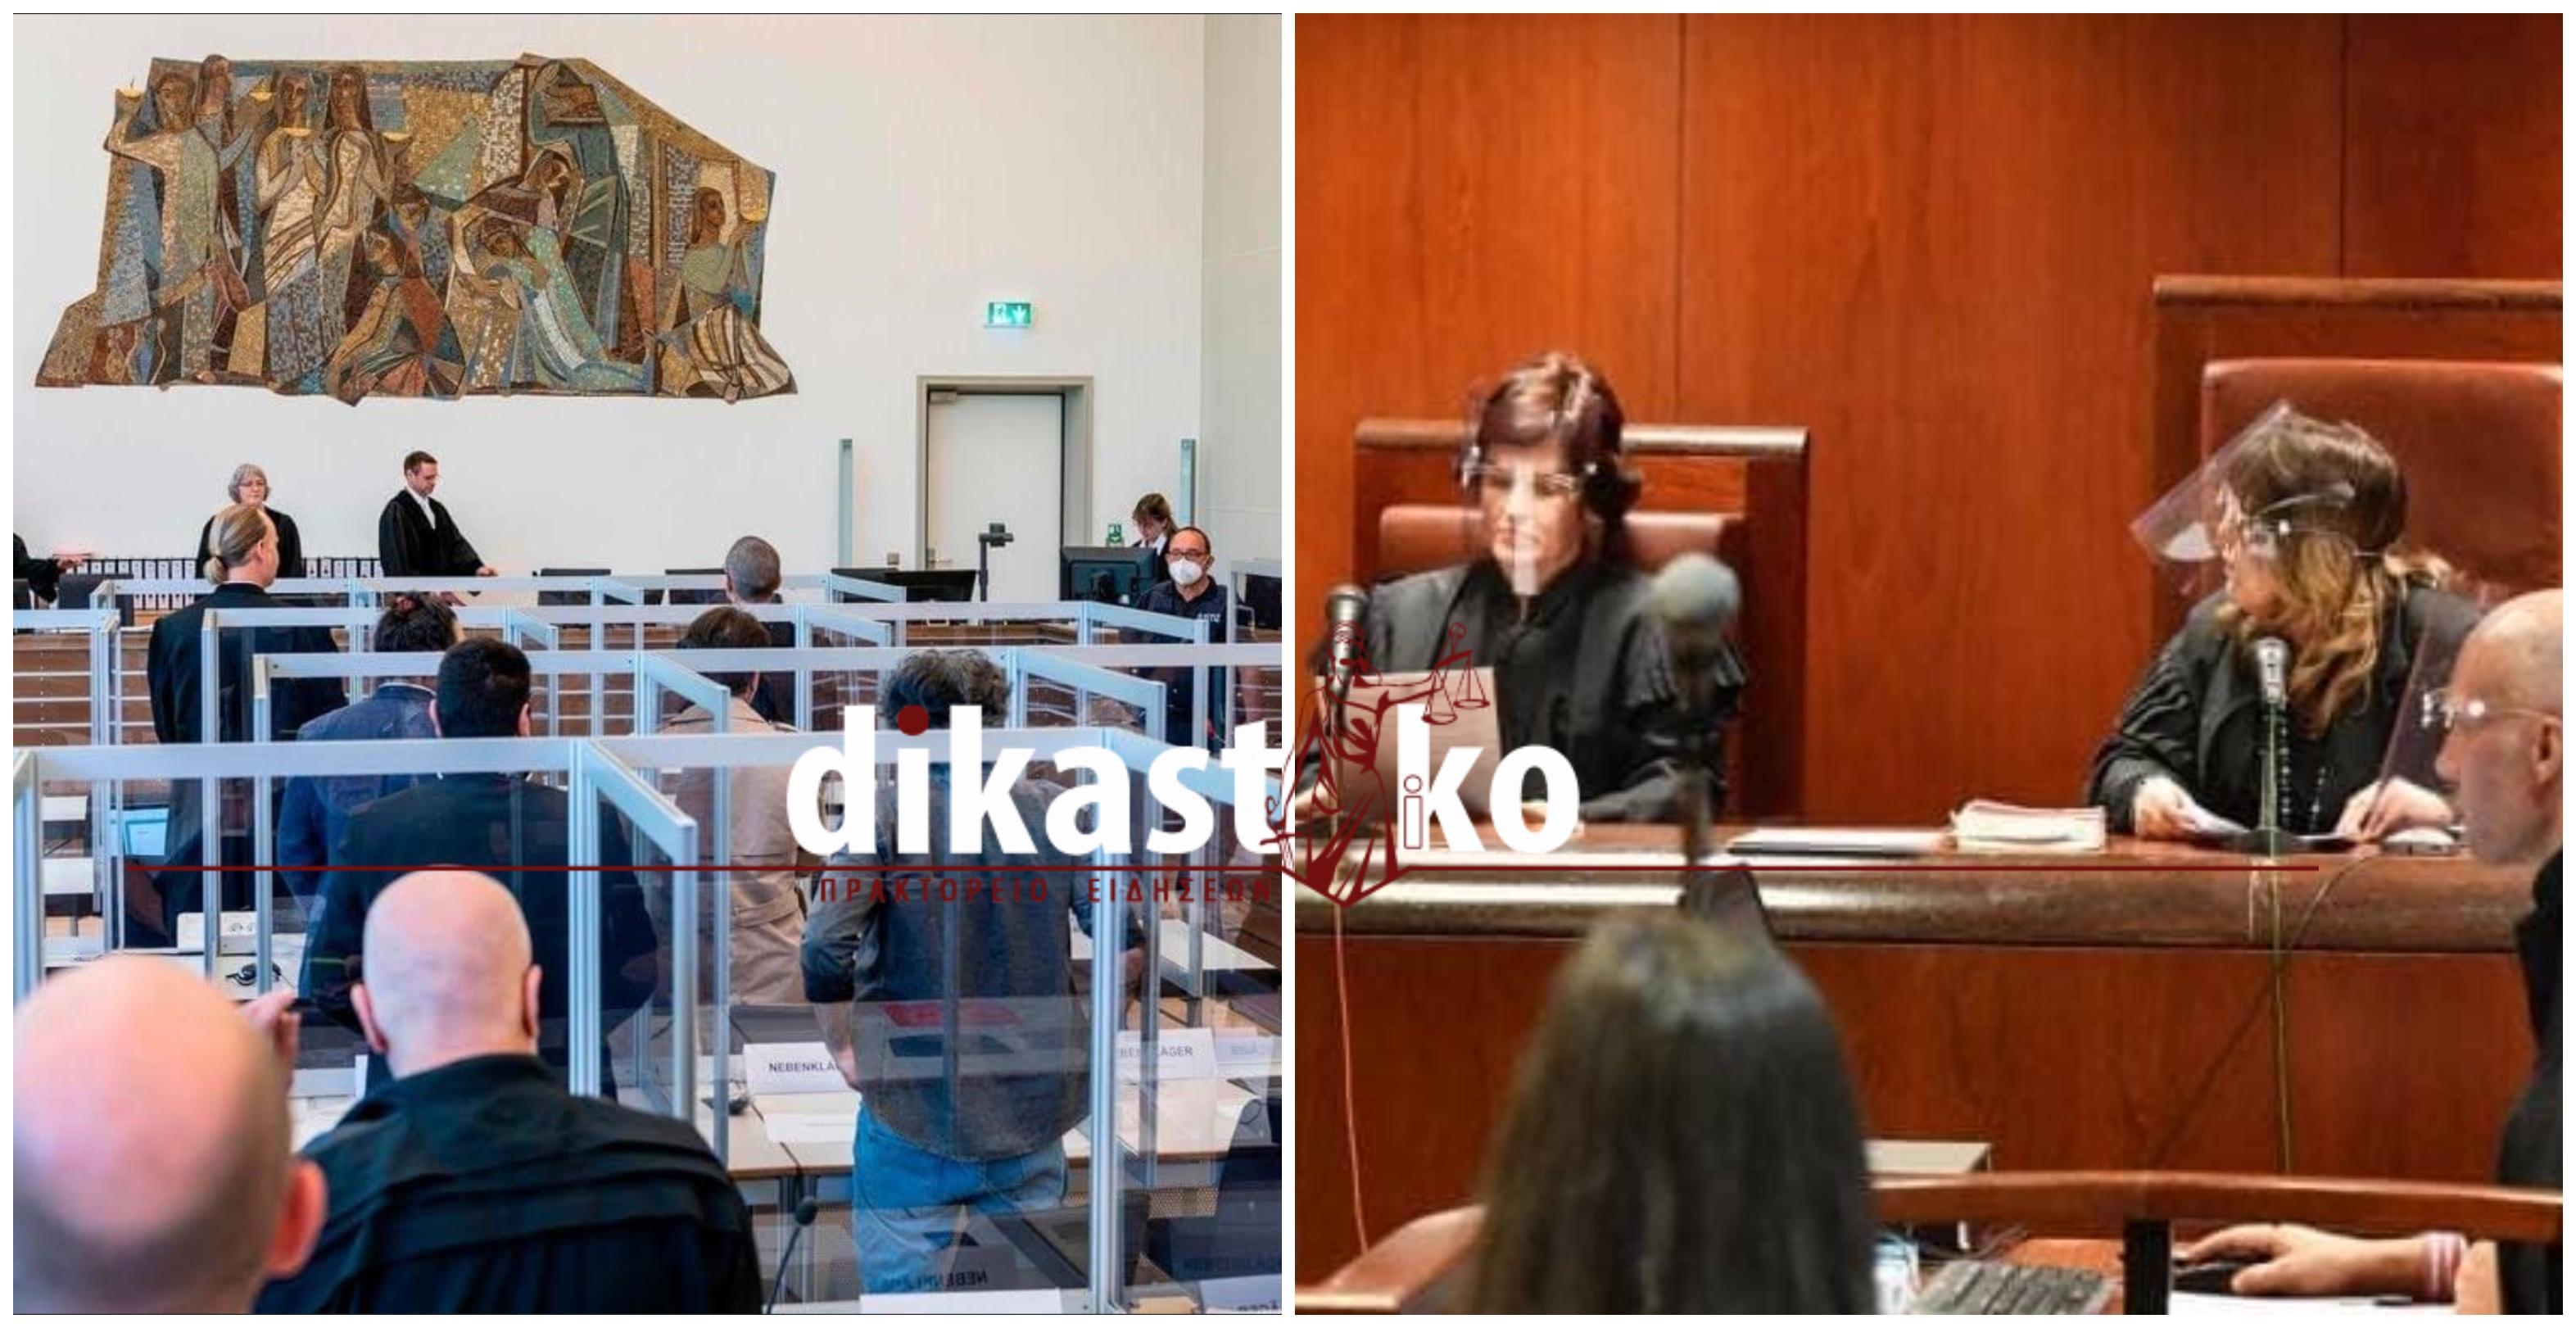 Πως ανοίγουν τα δικαστήρια στην Ευρώπη και πως στην Ελλάδα (Αποκλειστικές φωτογραφίες)